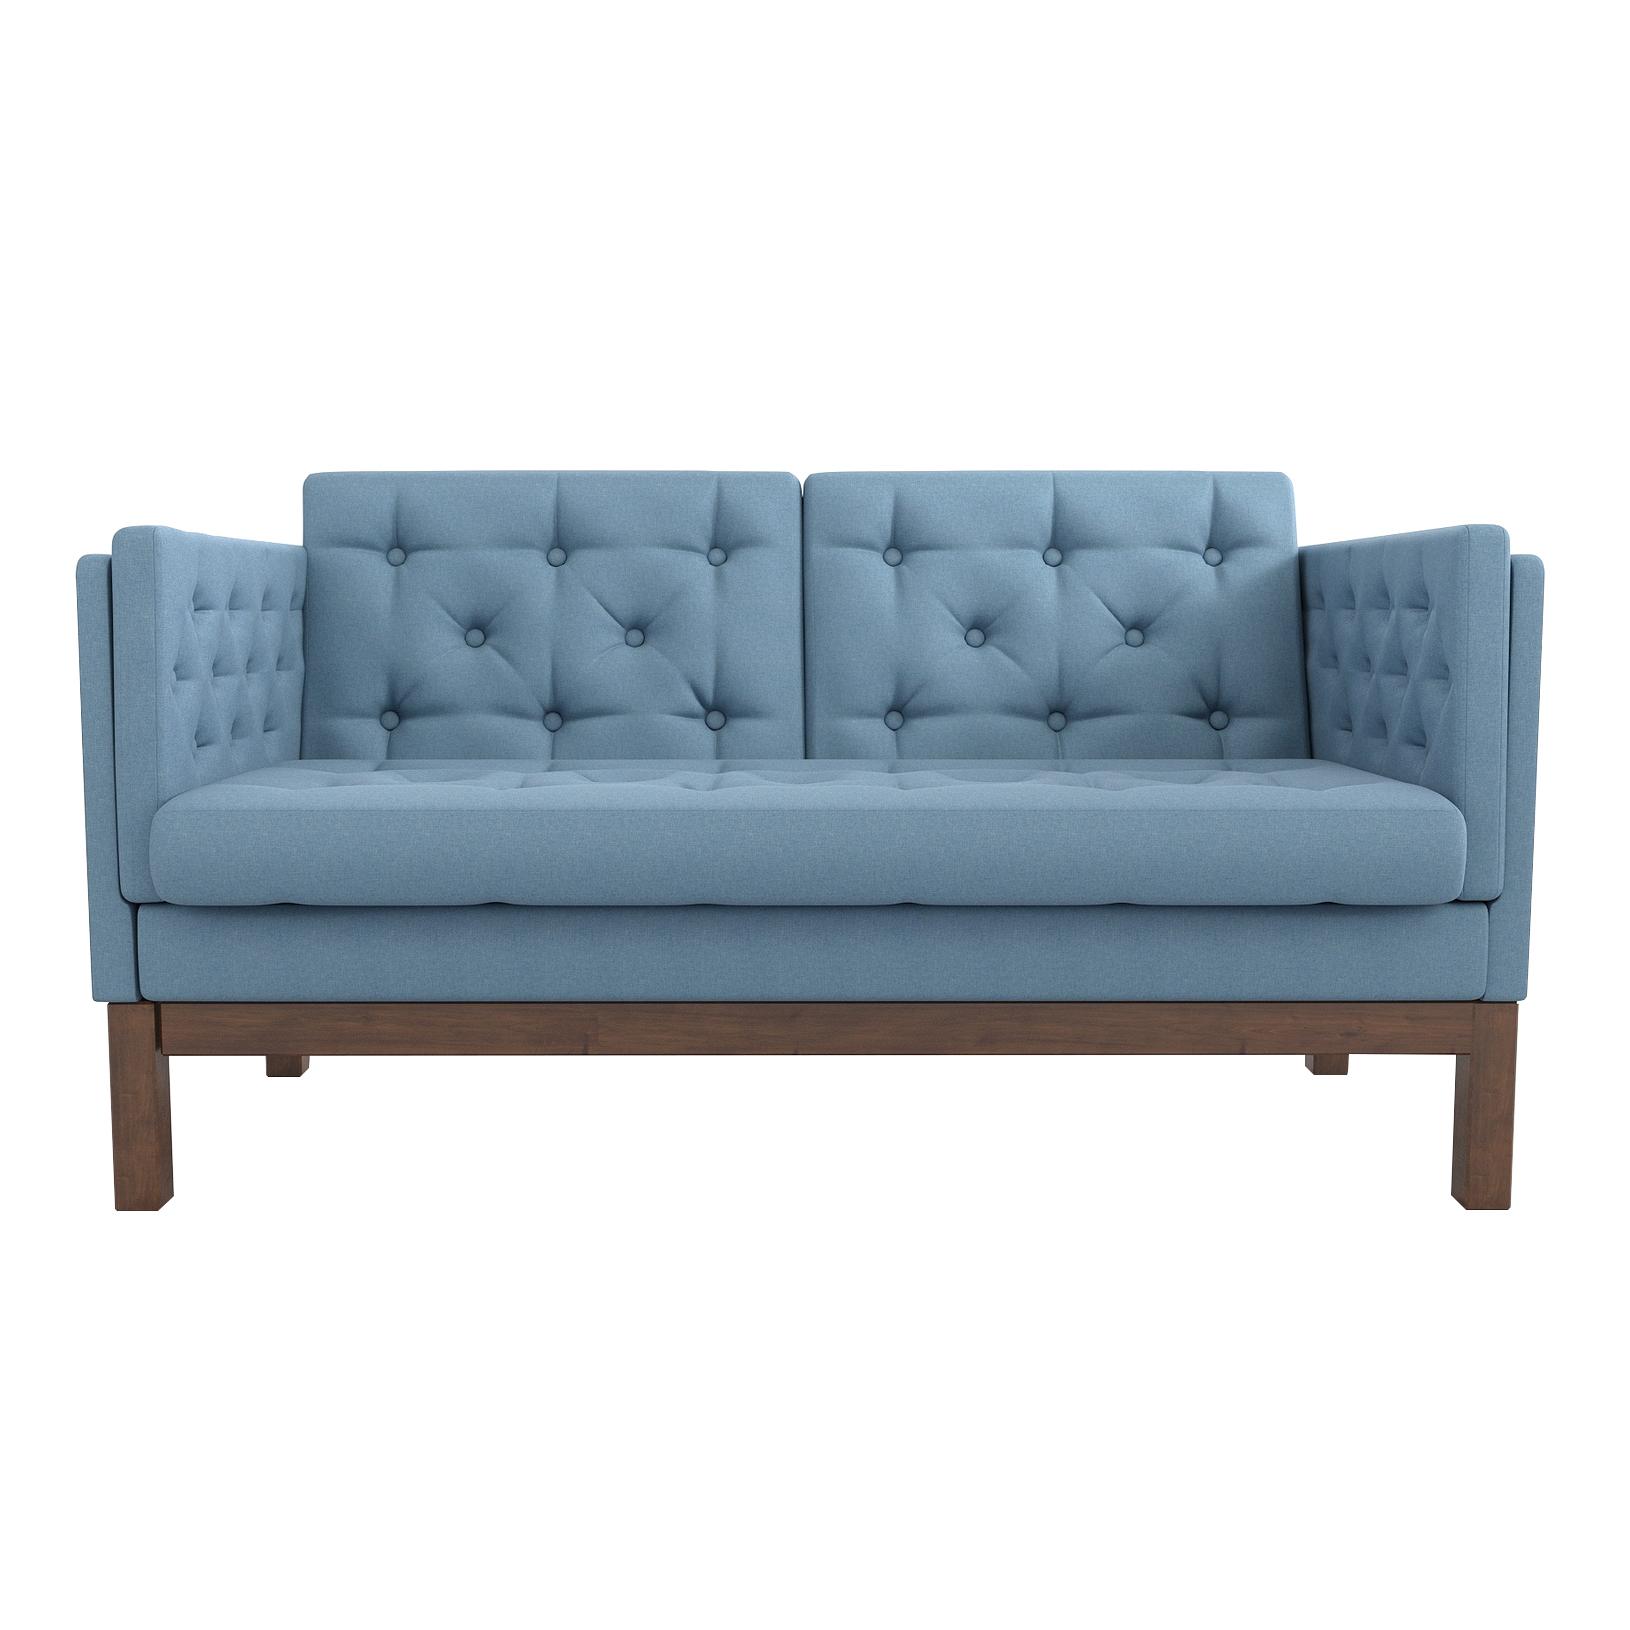 Фото - Диван AS Алана м 154x82x83 орех/голубой диван as алана м 154x82x83 сосна коричневый